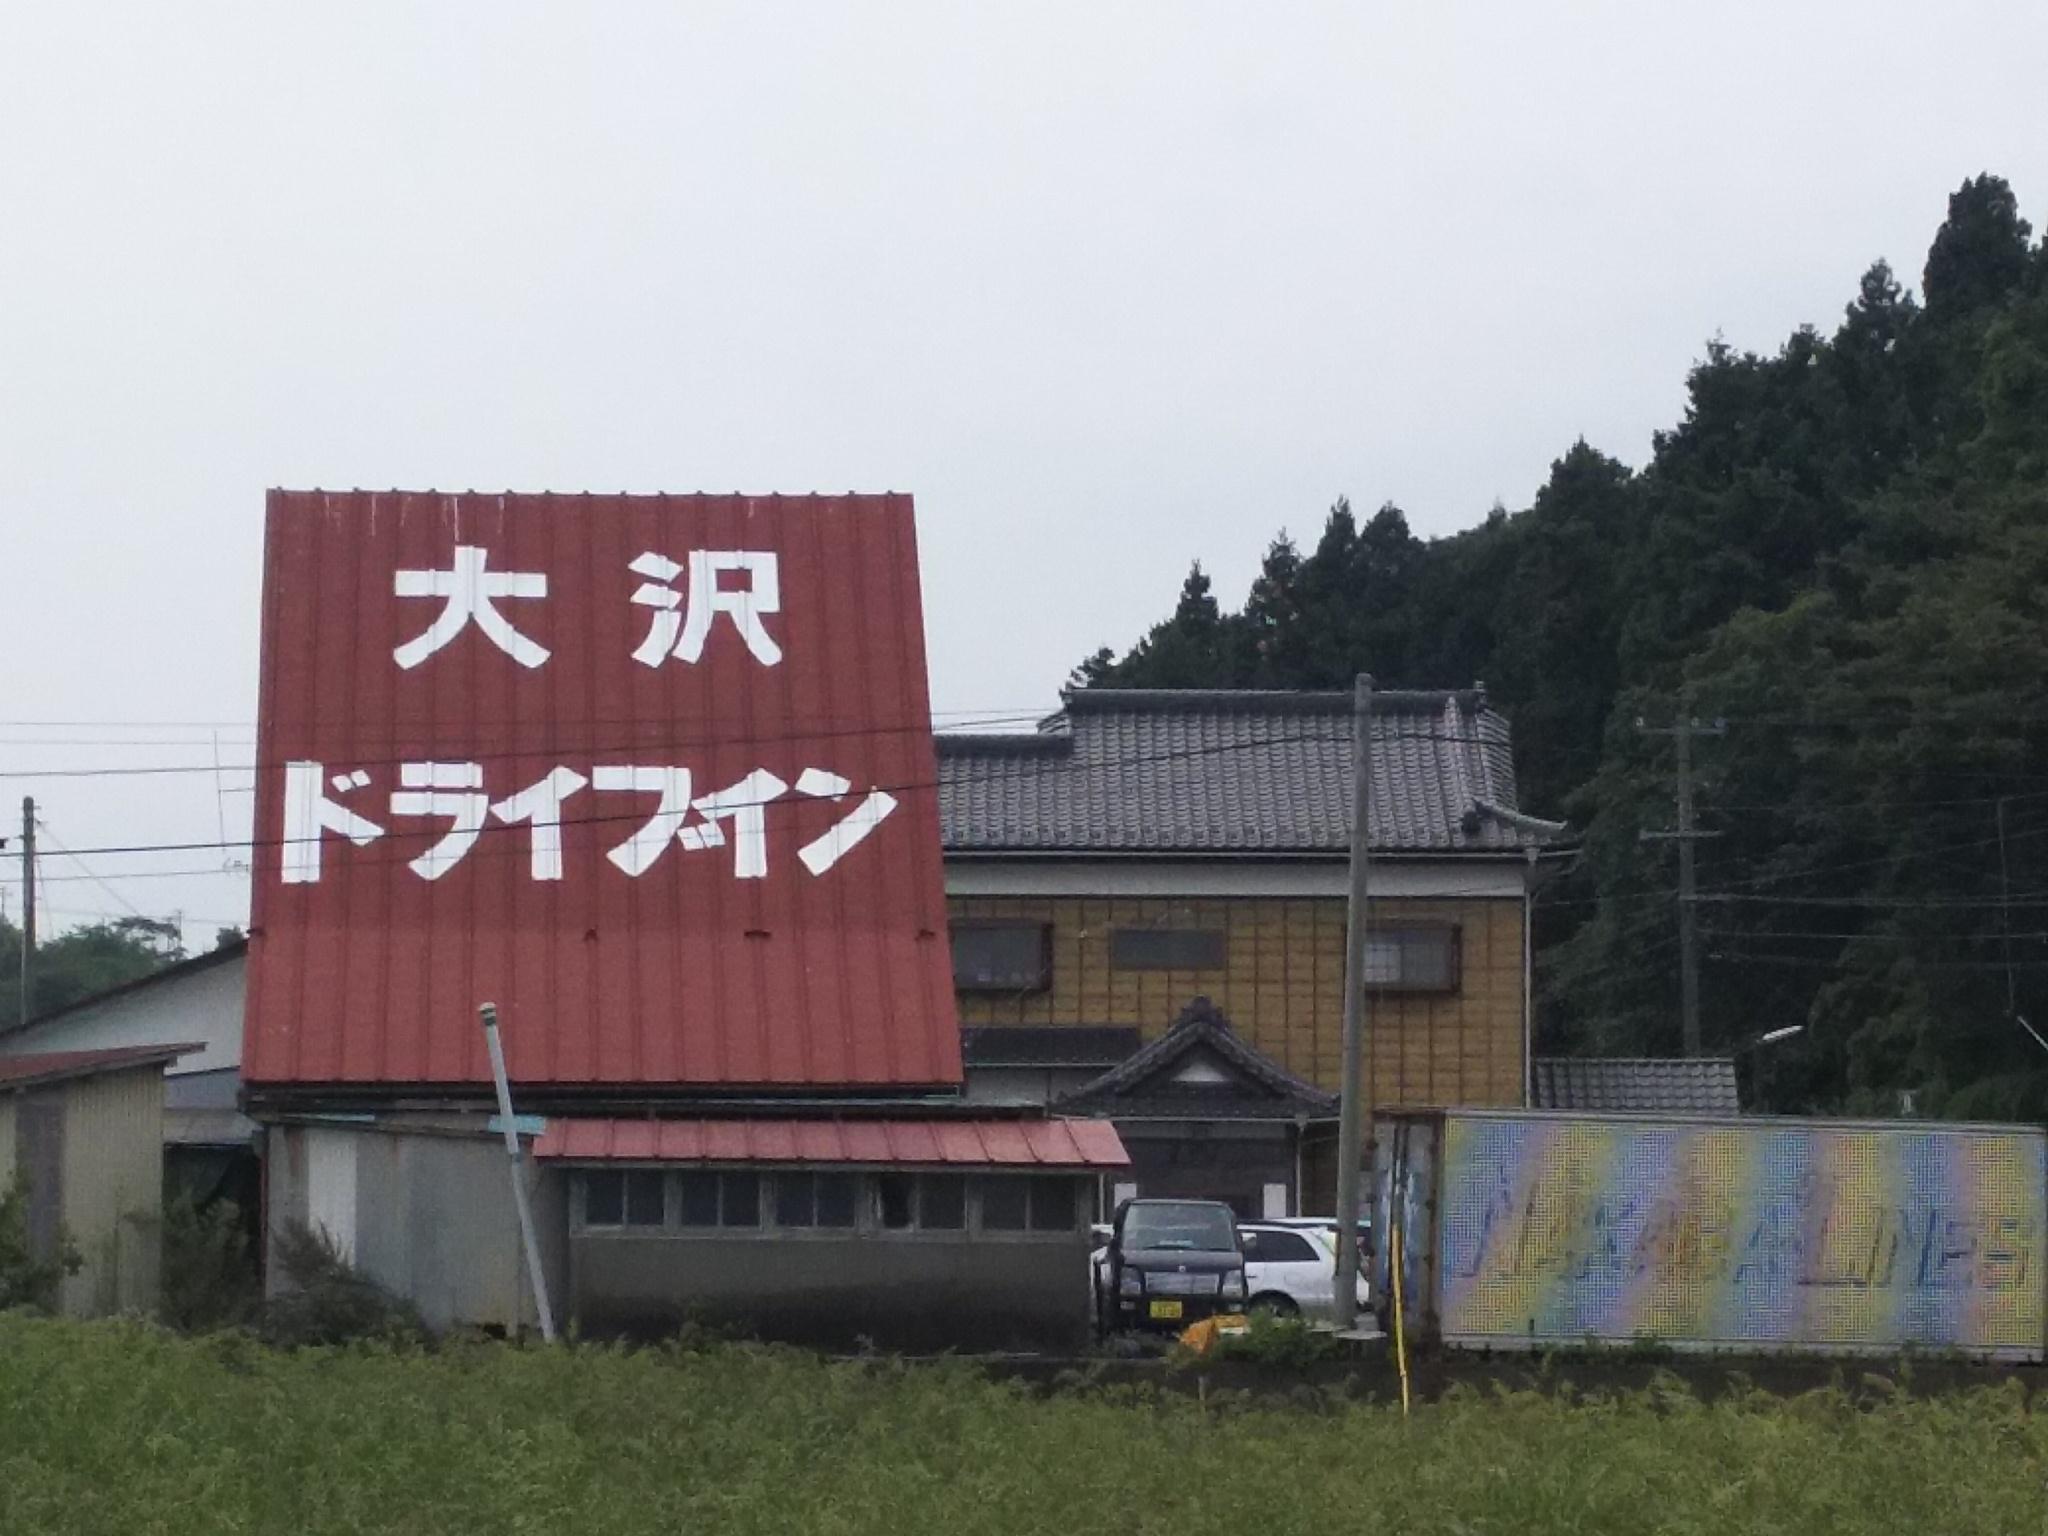 20171021181211b6a.jpg